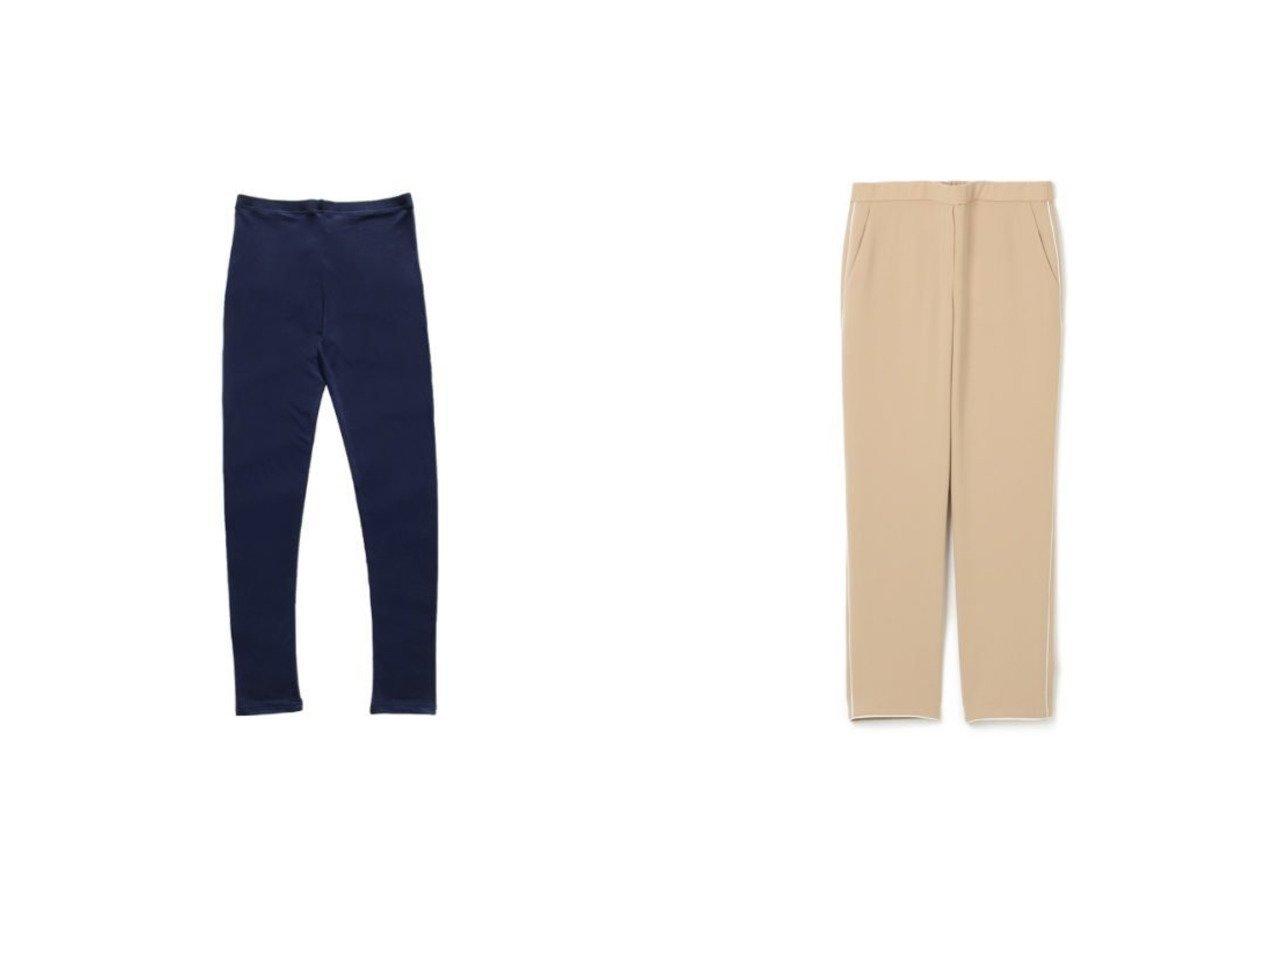 【la sakura/ラ サクラ】のシルクストレッチ レギンス&【theory/セオリー】のCLASSIC CREPE TREECA PULL パンツのおすすめ!人気、トレンド・レディースファッションの通販 おすすめで人気の流行・トレンド、ファッションの通販商品 メンズファッション・キッズファッション・インテリア・家具・レディースファッション・服の通販 founy(ファニー) https://founy.com/ ファッション Fashion レディースファッション WOMEN パンツ Pants レギンス Leggings レッグウェア Legwear とろみ なめらか アンダー インナー シルク ストレッチ フィット レギンス 冬 Winter 洗える 2021年 2021 2021 春夏 S/S SS Spring/Summer 2021 S/S 春夏 SS Spring/Summer パイピング ベーシック |ID:crp329100000016274